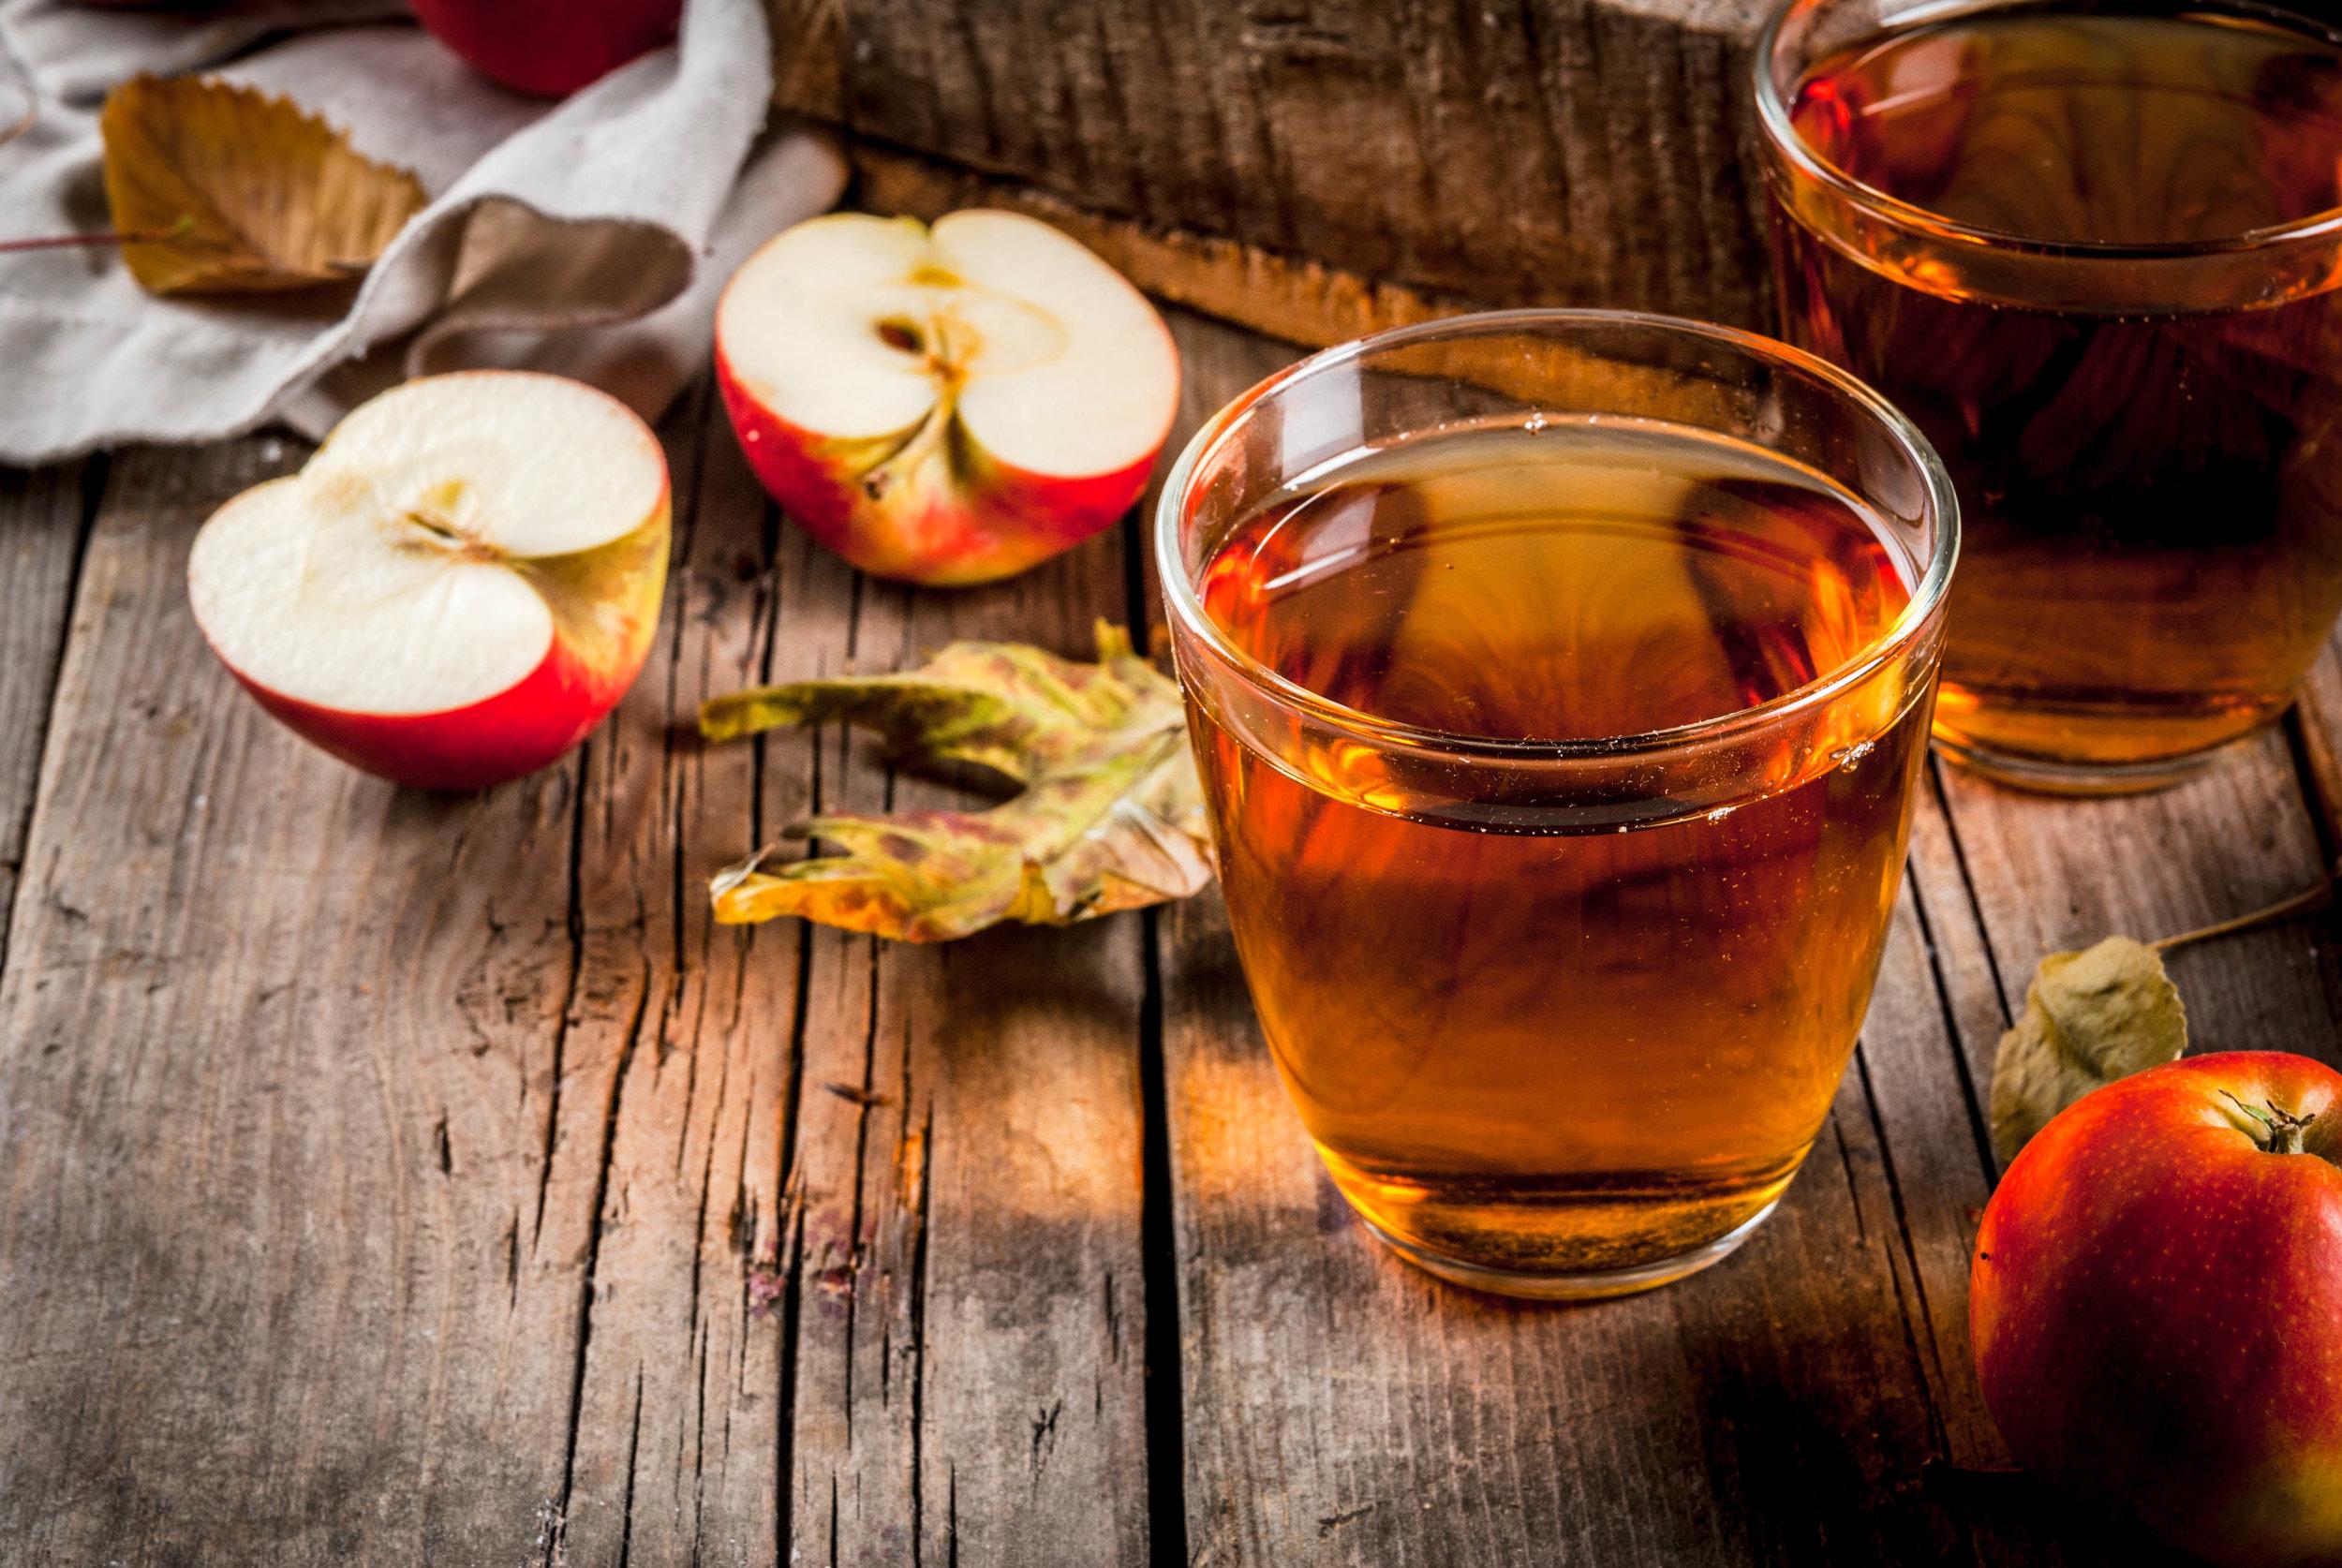 Apple_juice_and_basket_apples_kuvings.jpeg